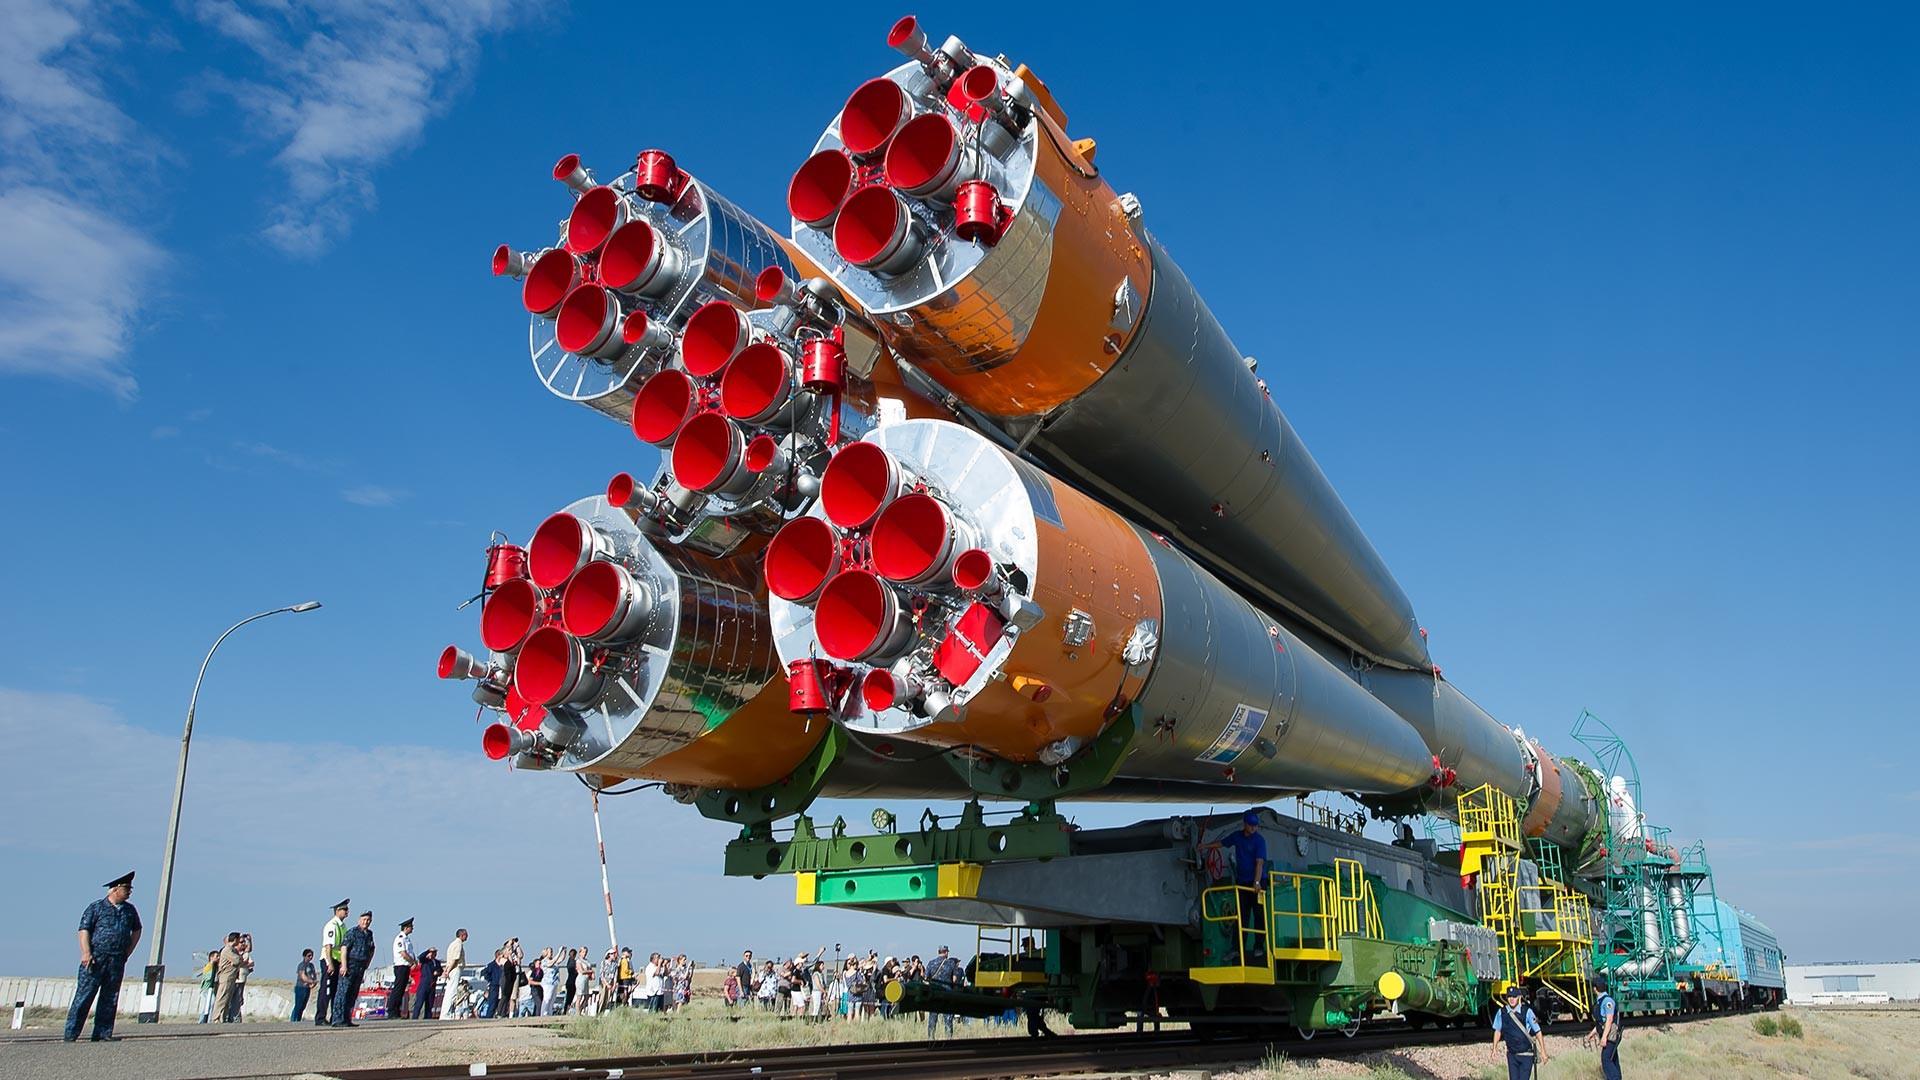 Transport nosilne rakete Sojuz FG z ladjo Sojuz MS v kozmodromu Bajkonur